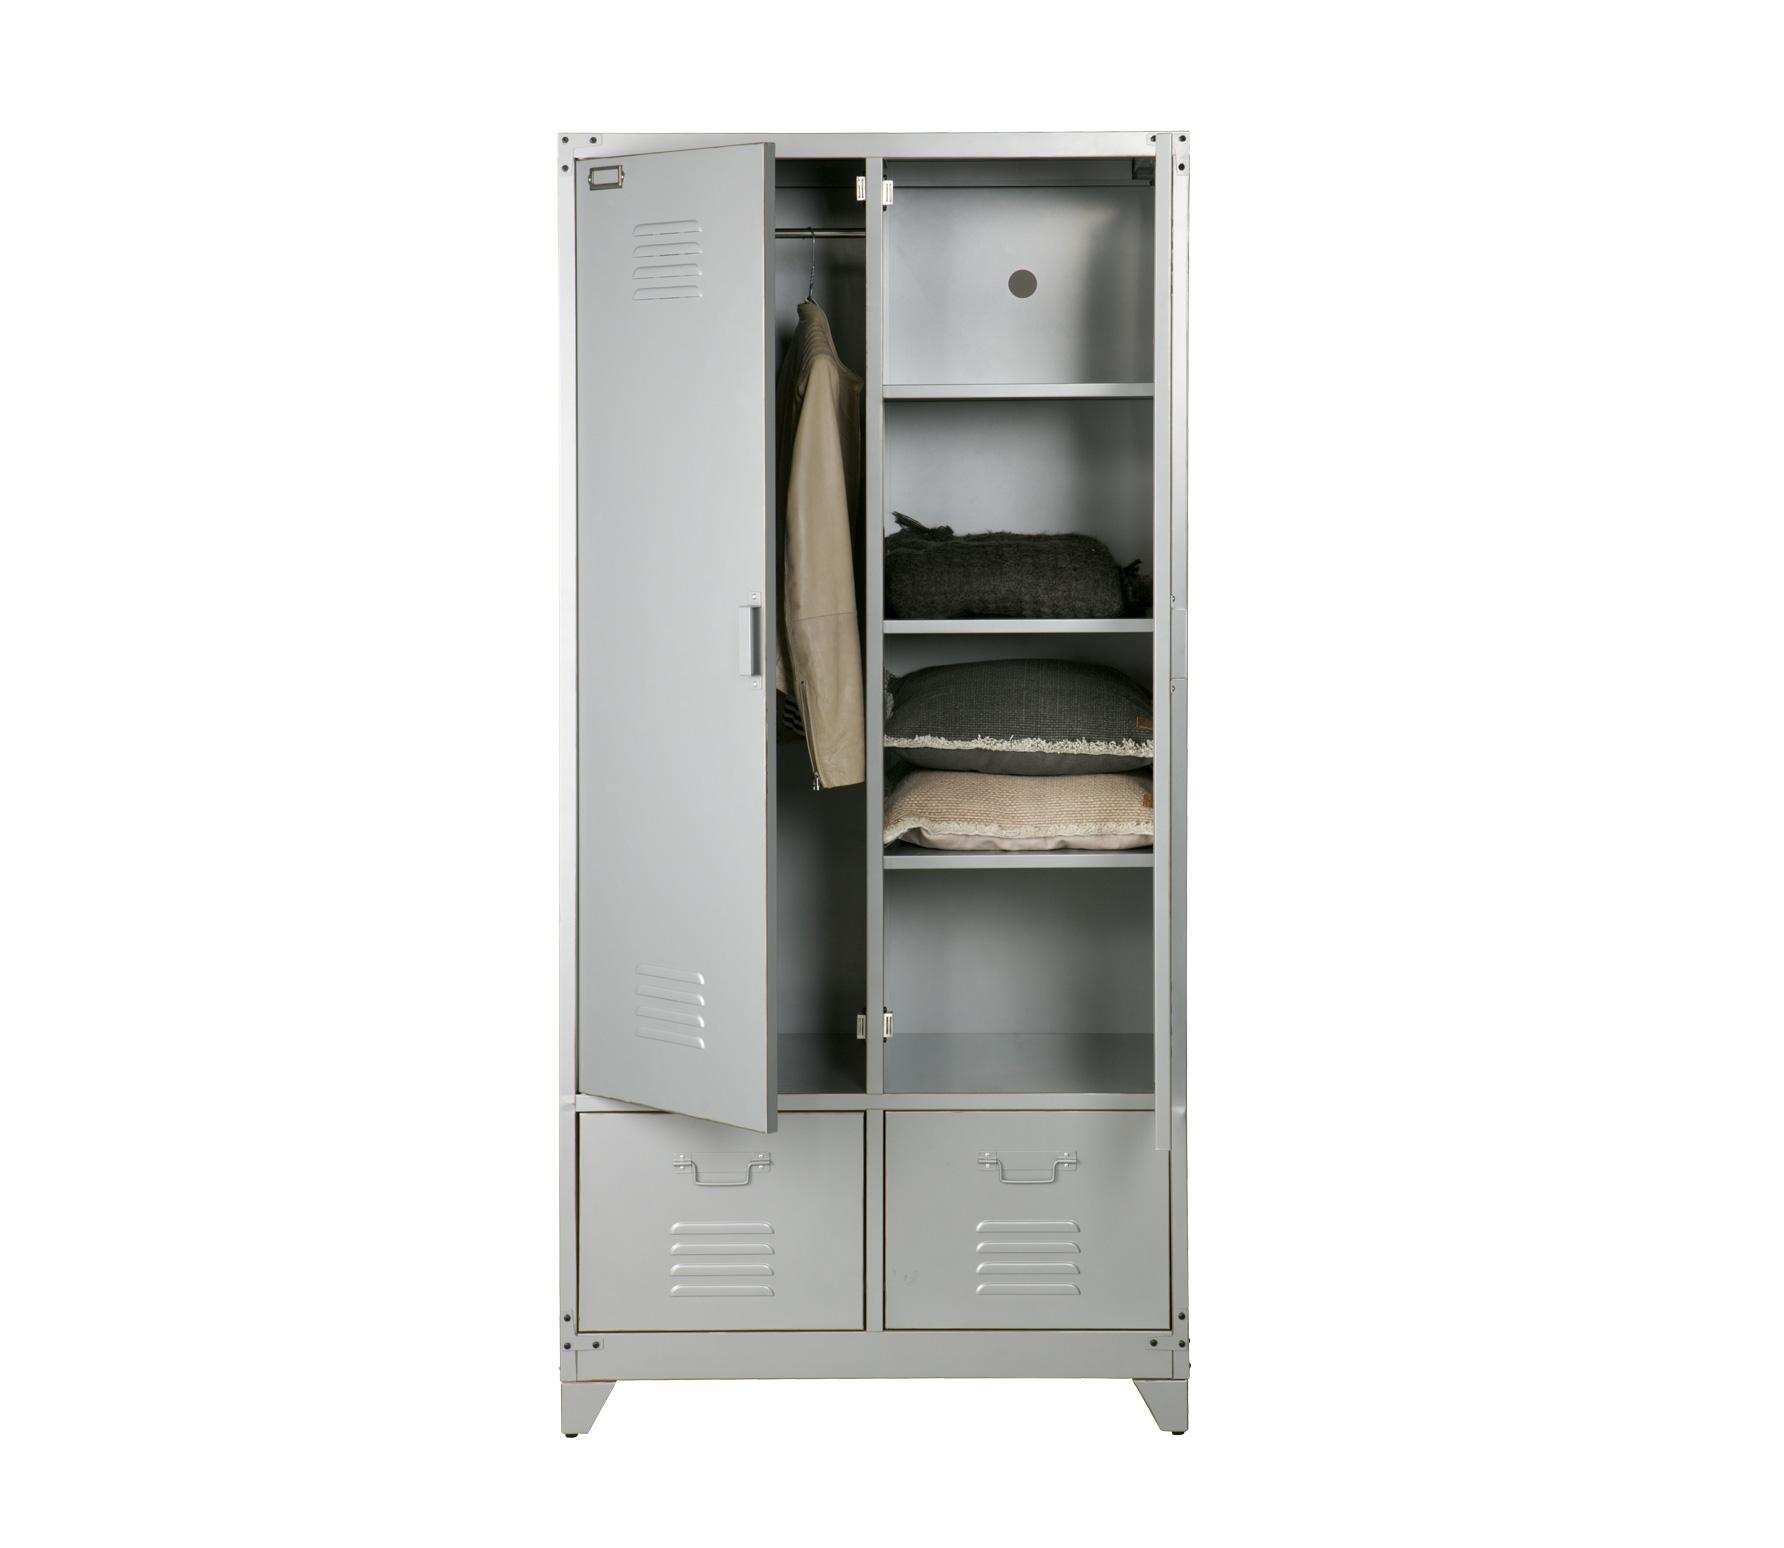 vtwonen Safe lockerkast zilvergrijs metaal open incl deco